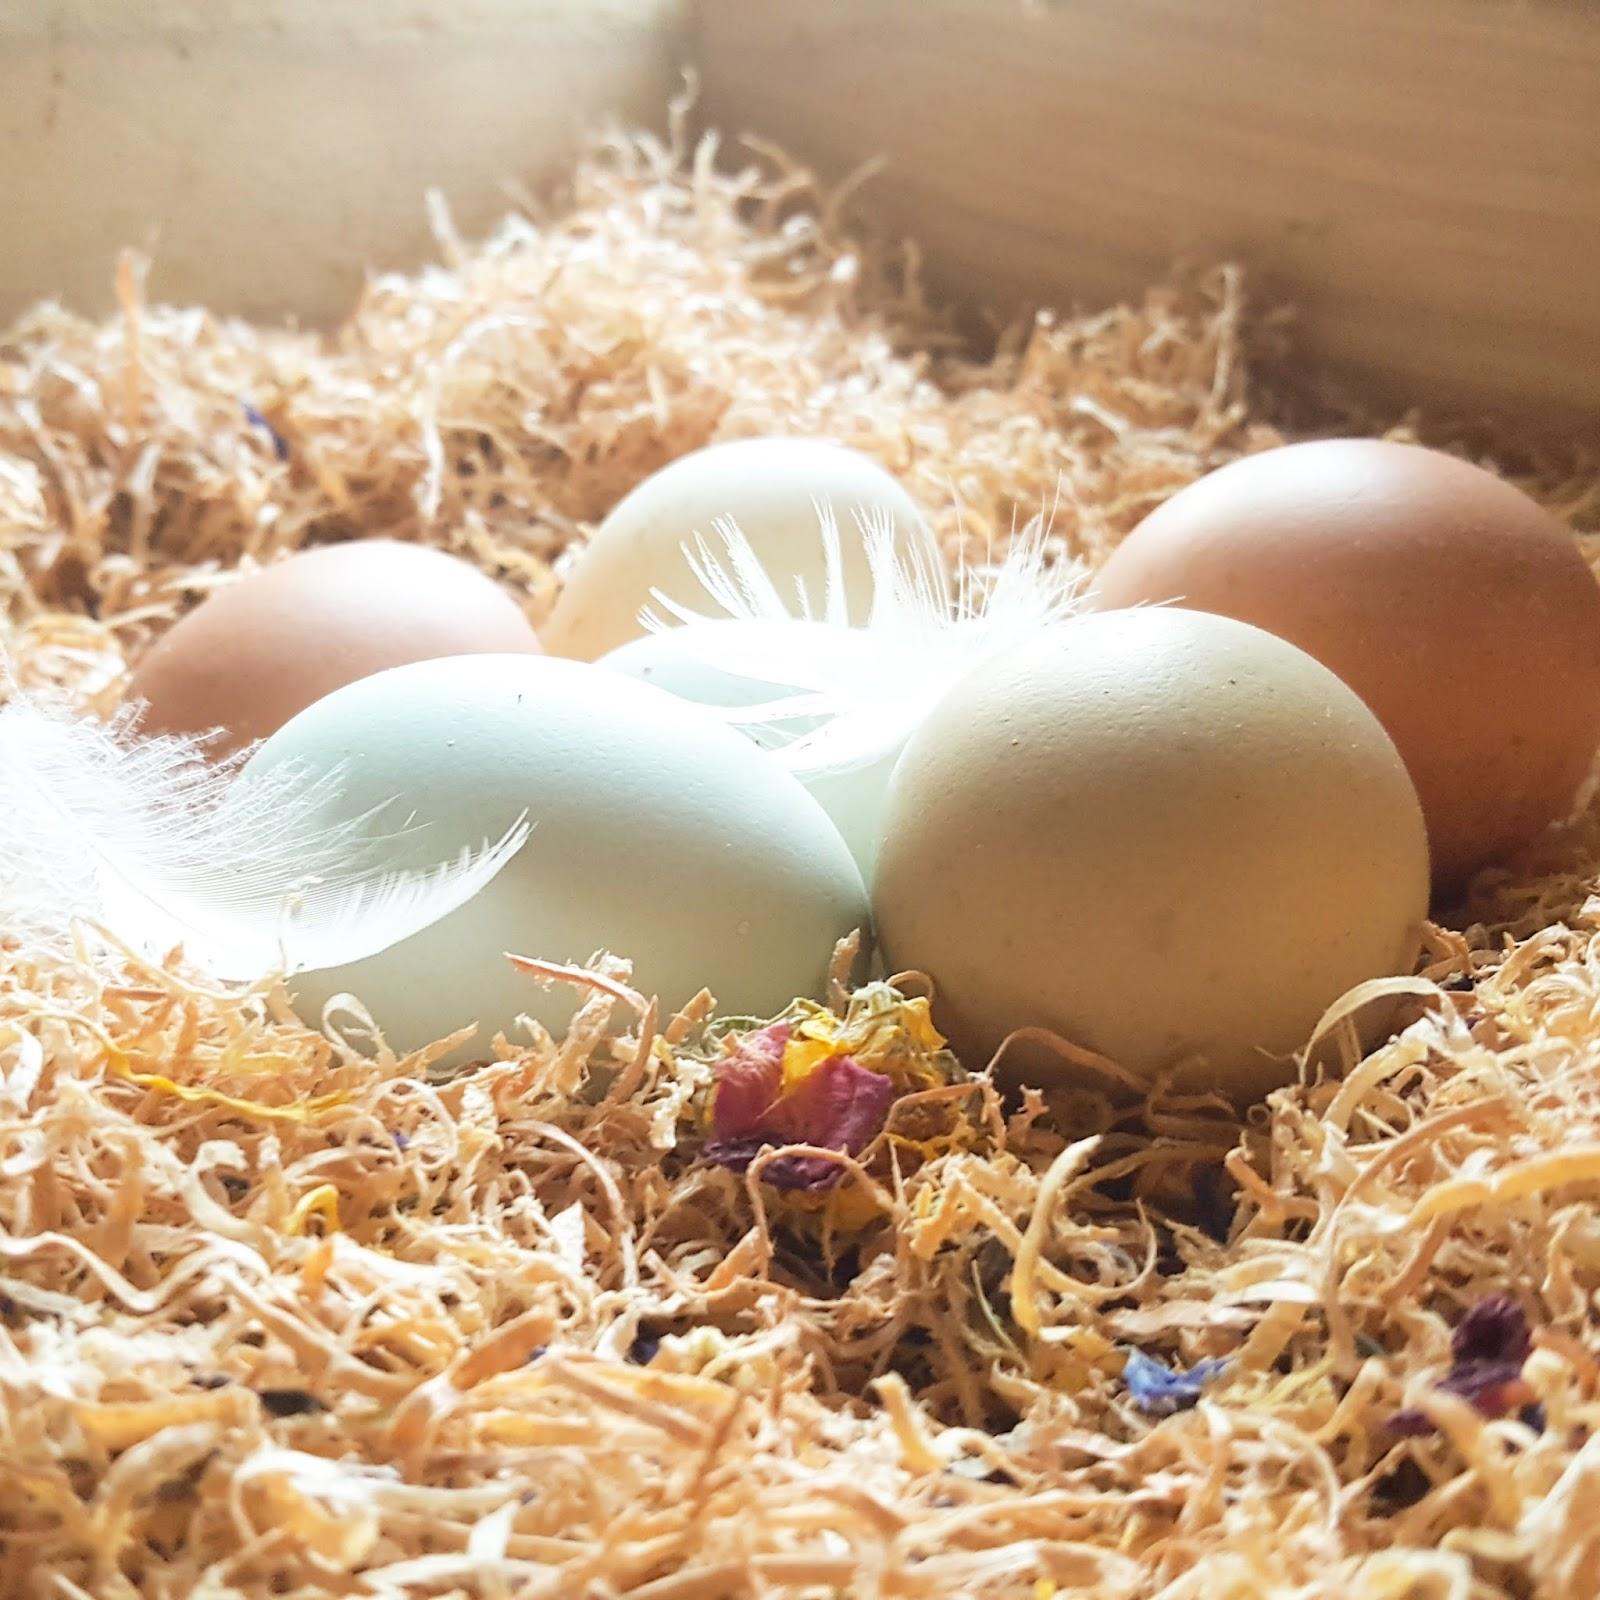 egg eating in backyard chicken flocks fresh eggs daily